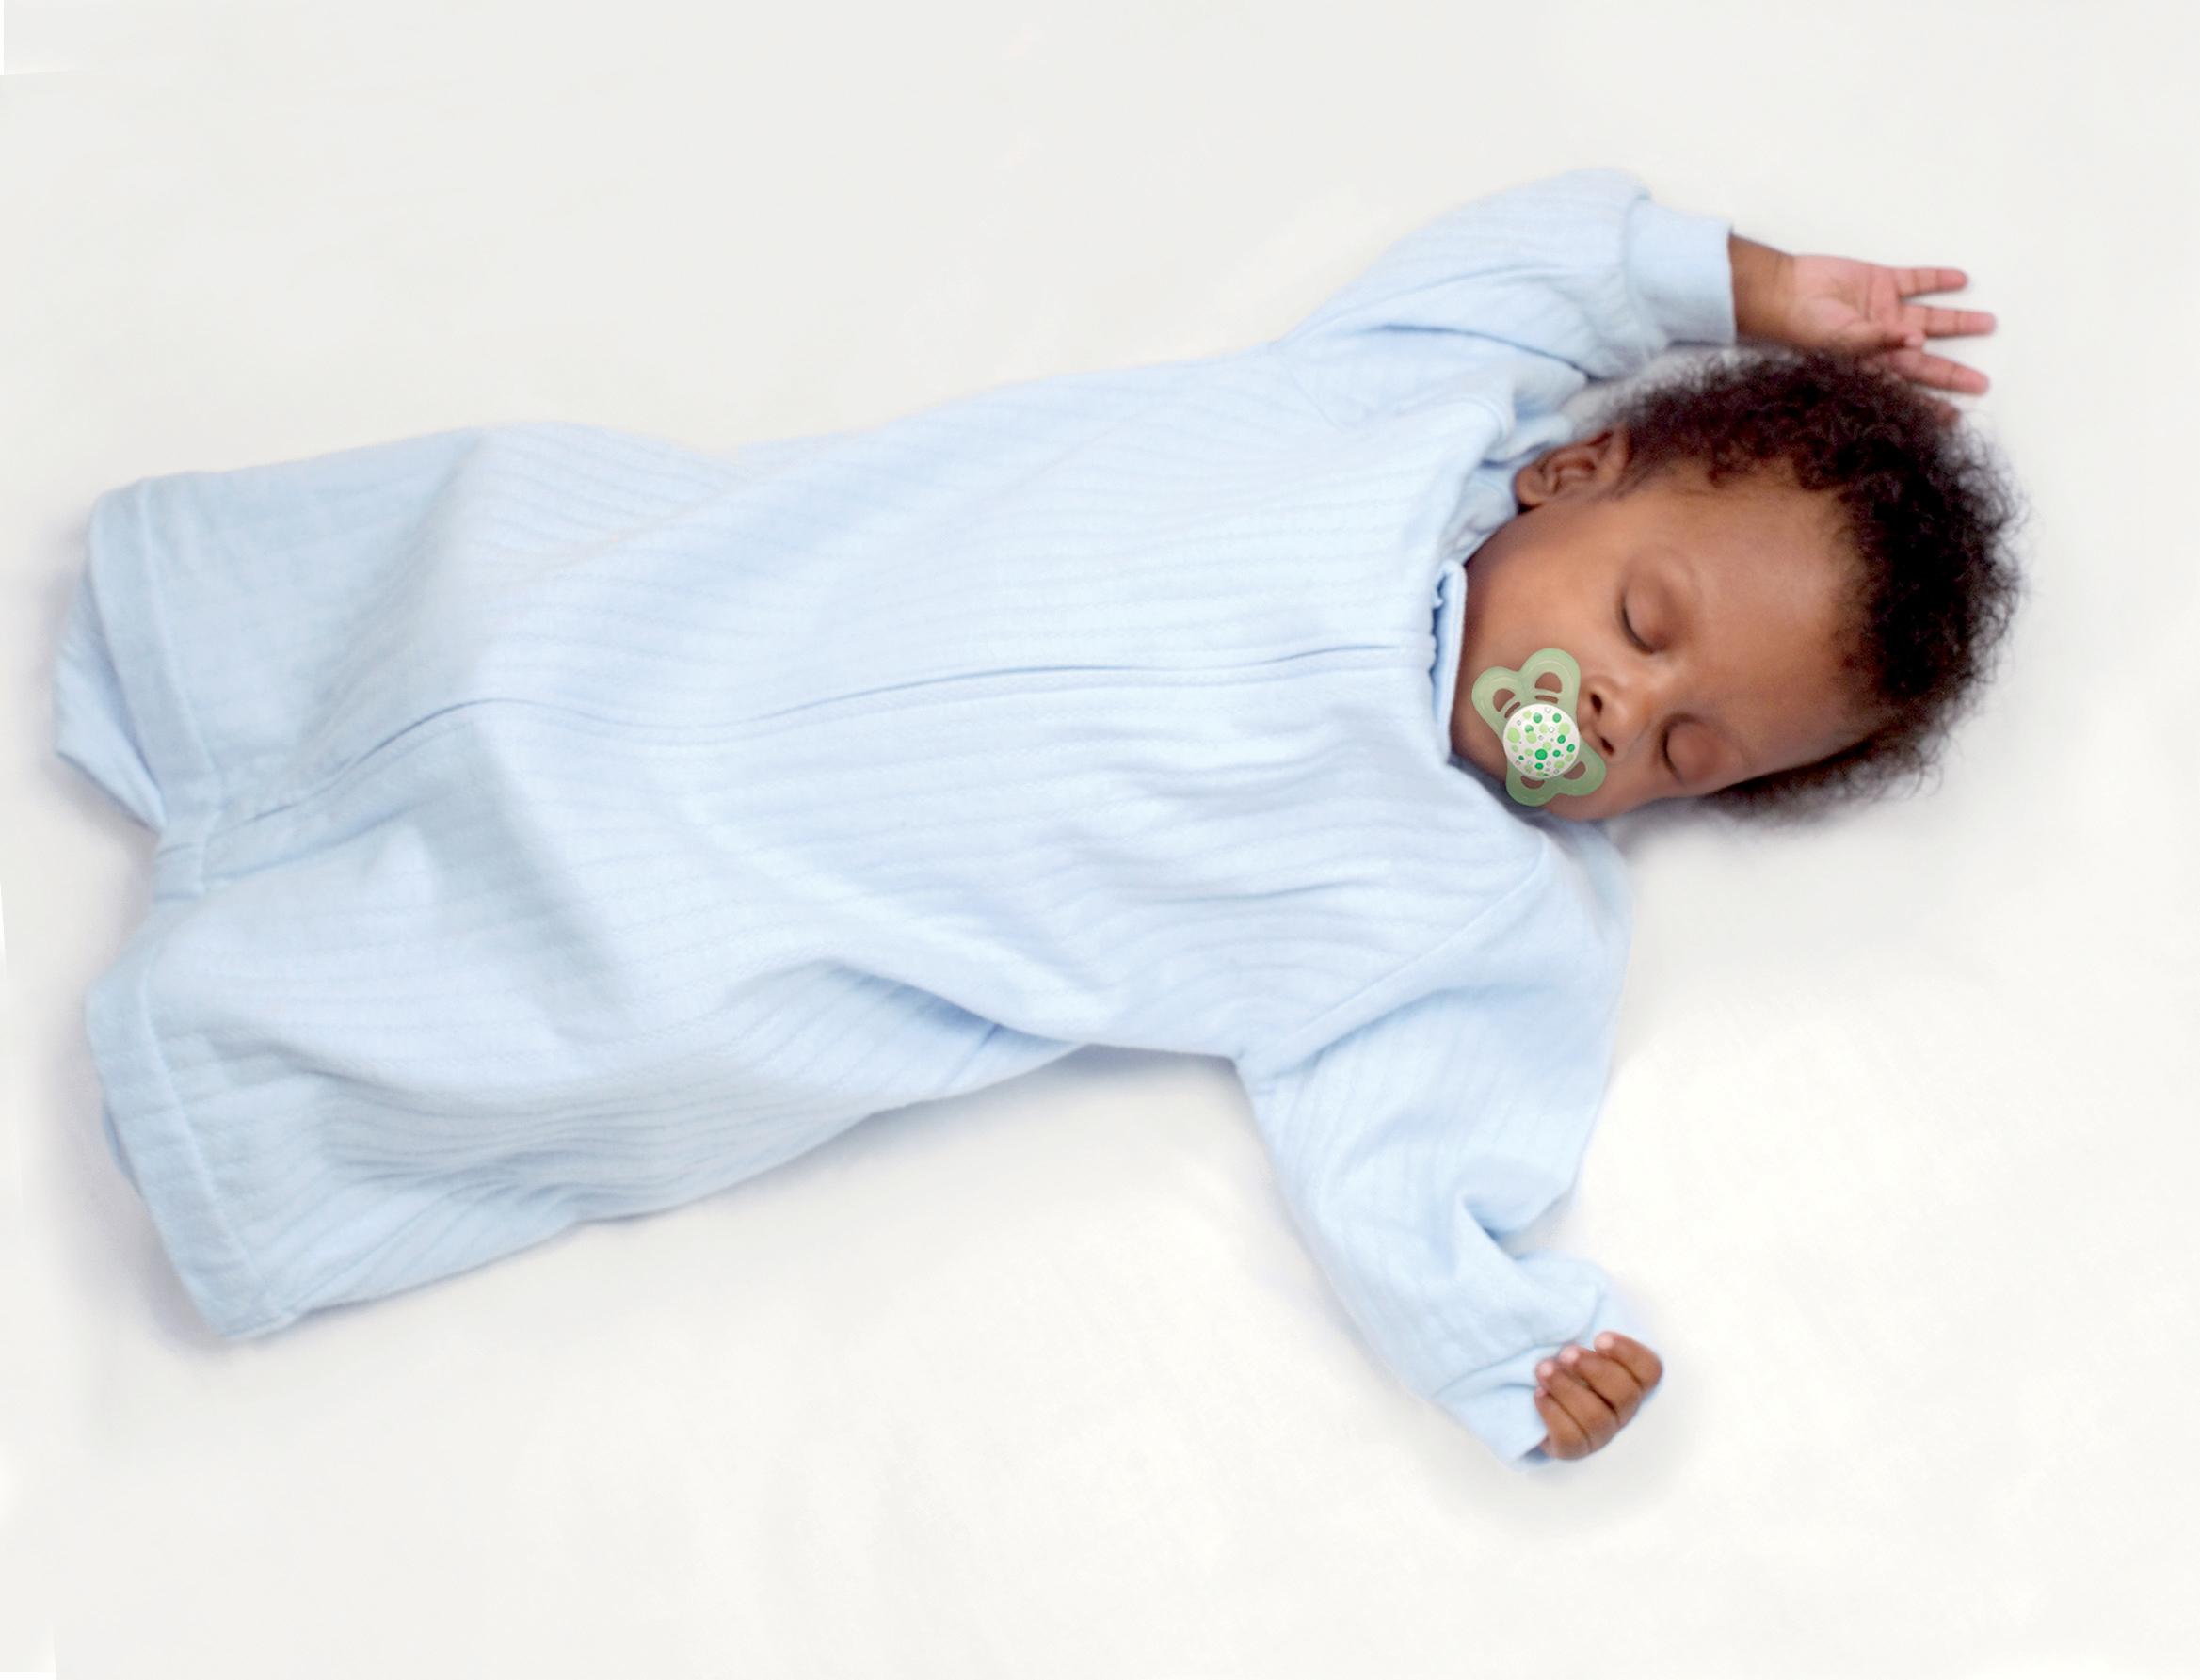 safe-sleep-environment-11_28724862052_o